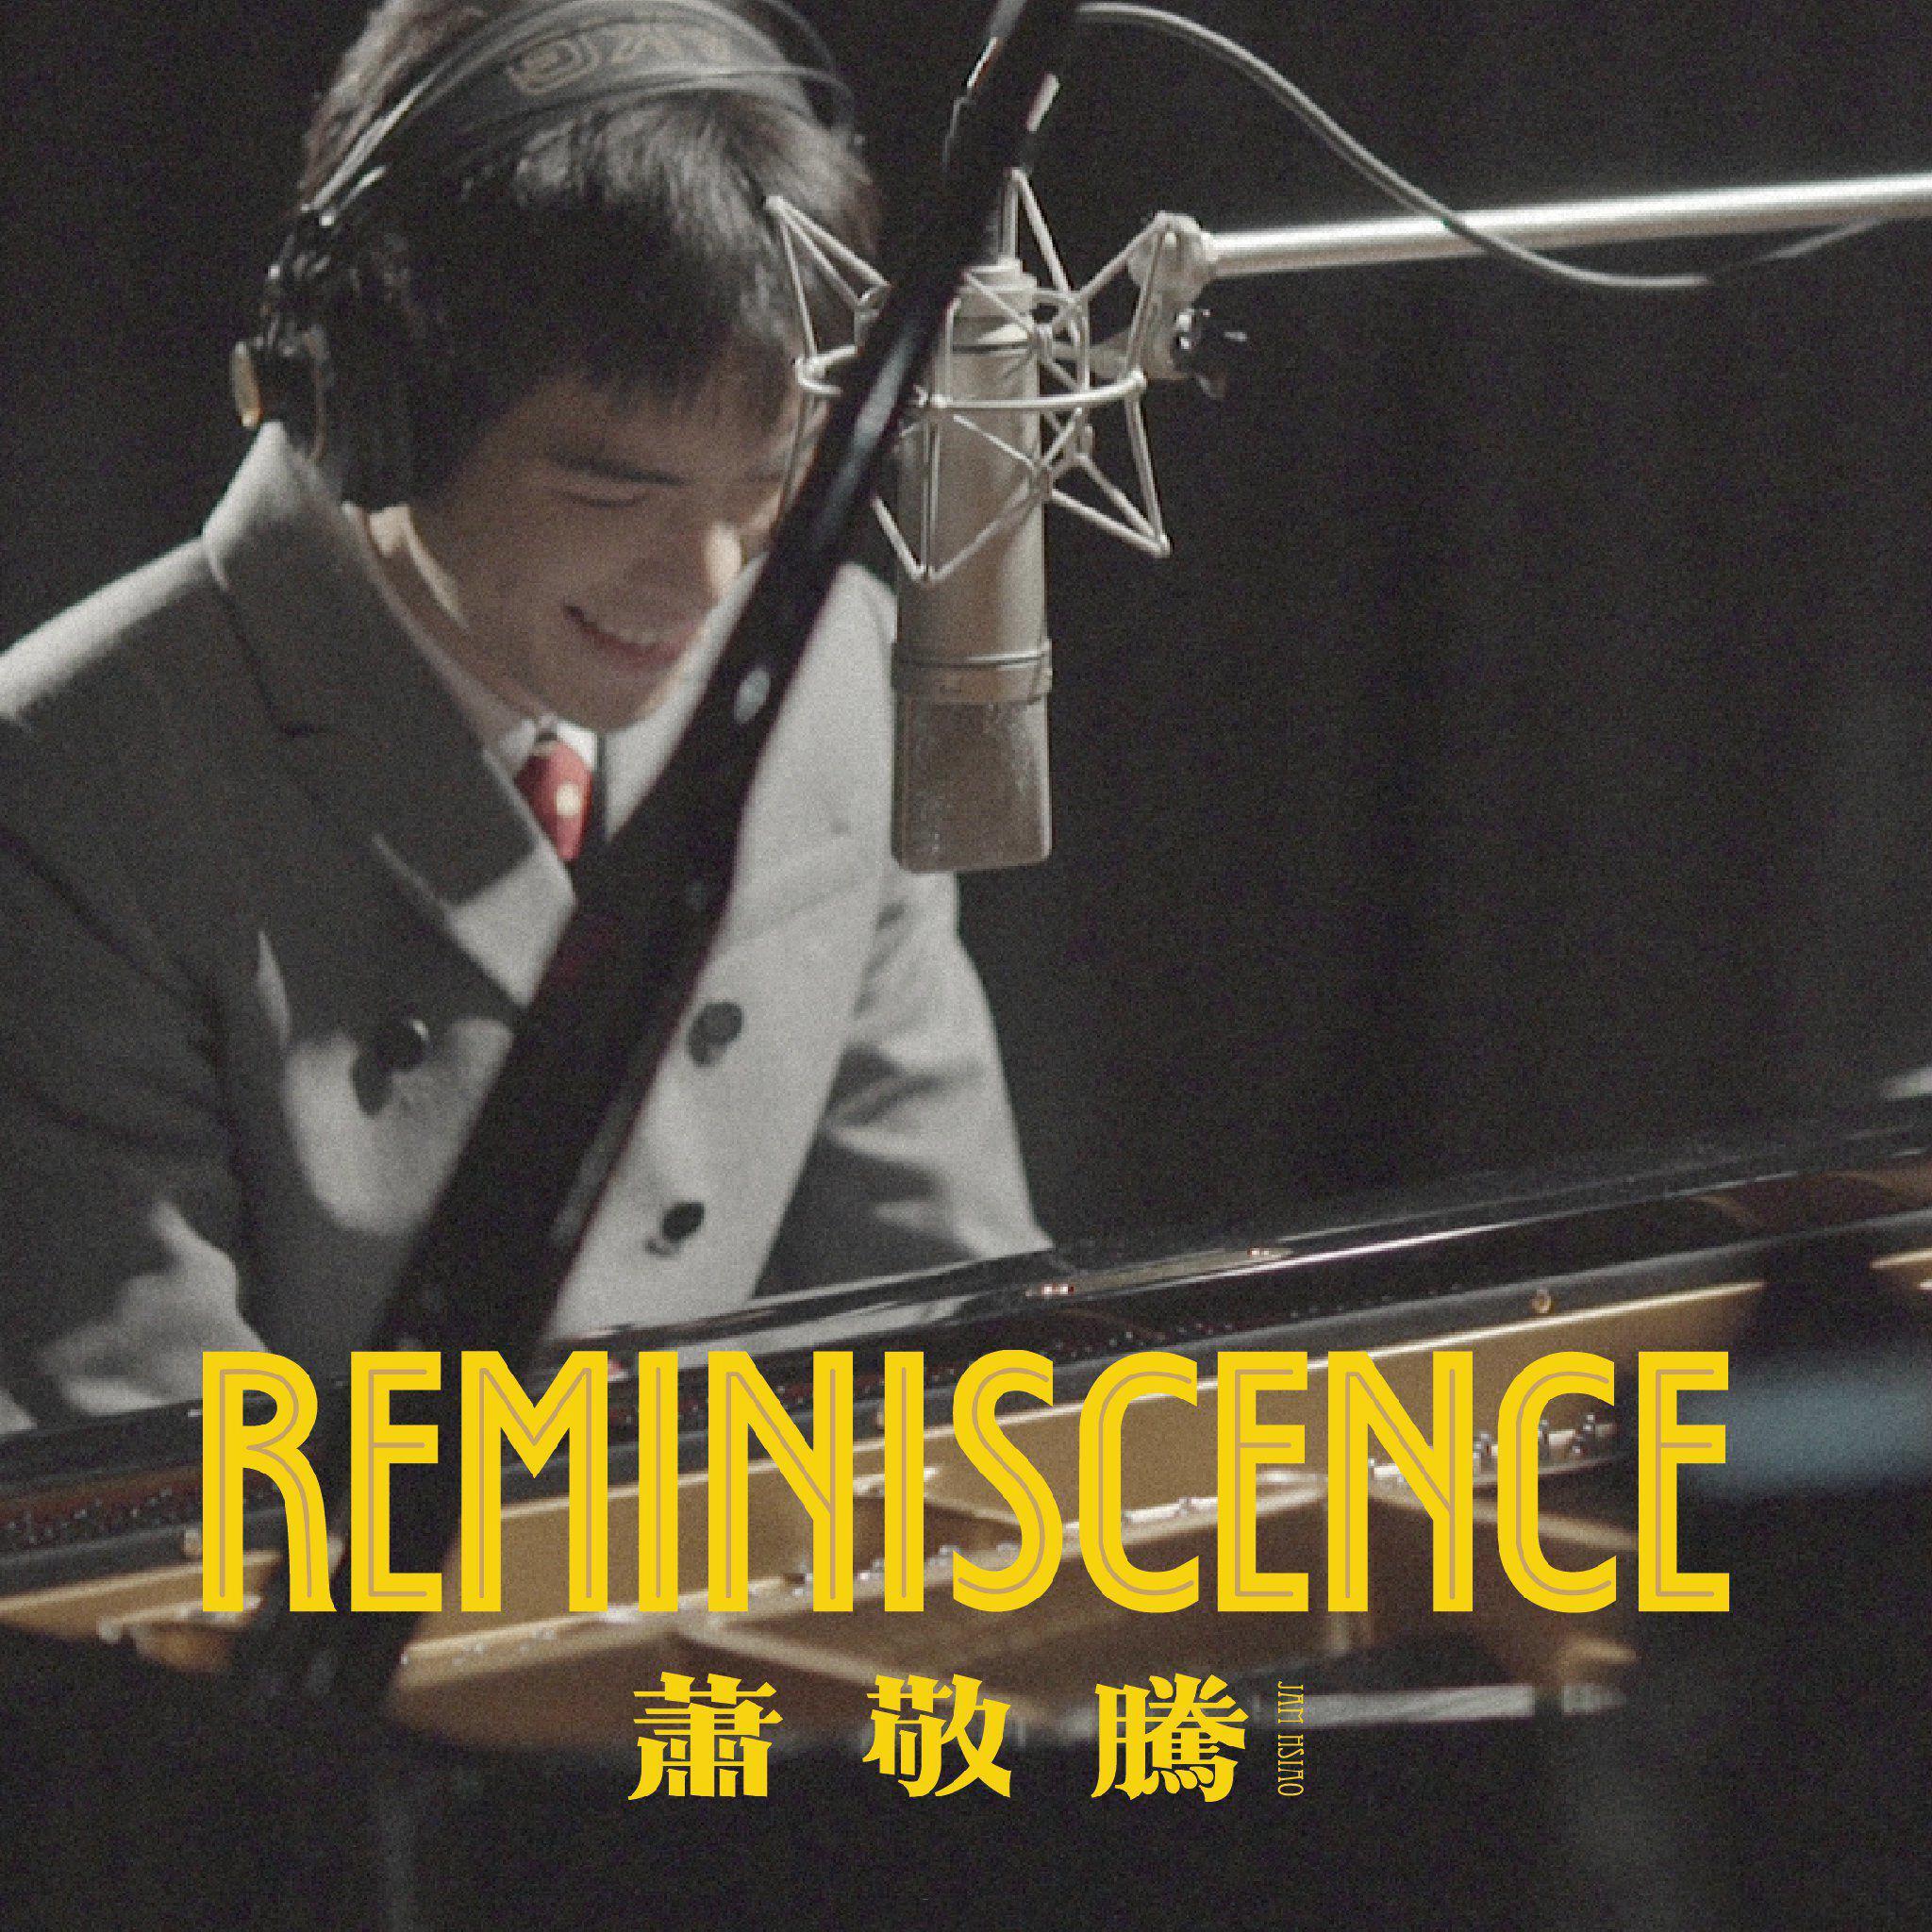 萧敬腾 Reminiscence